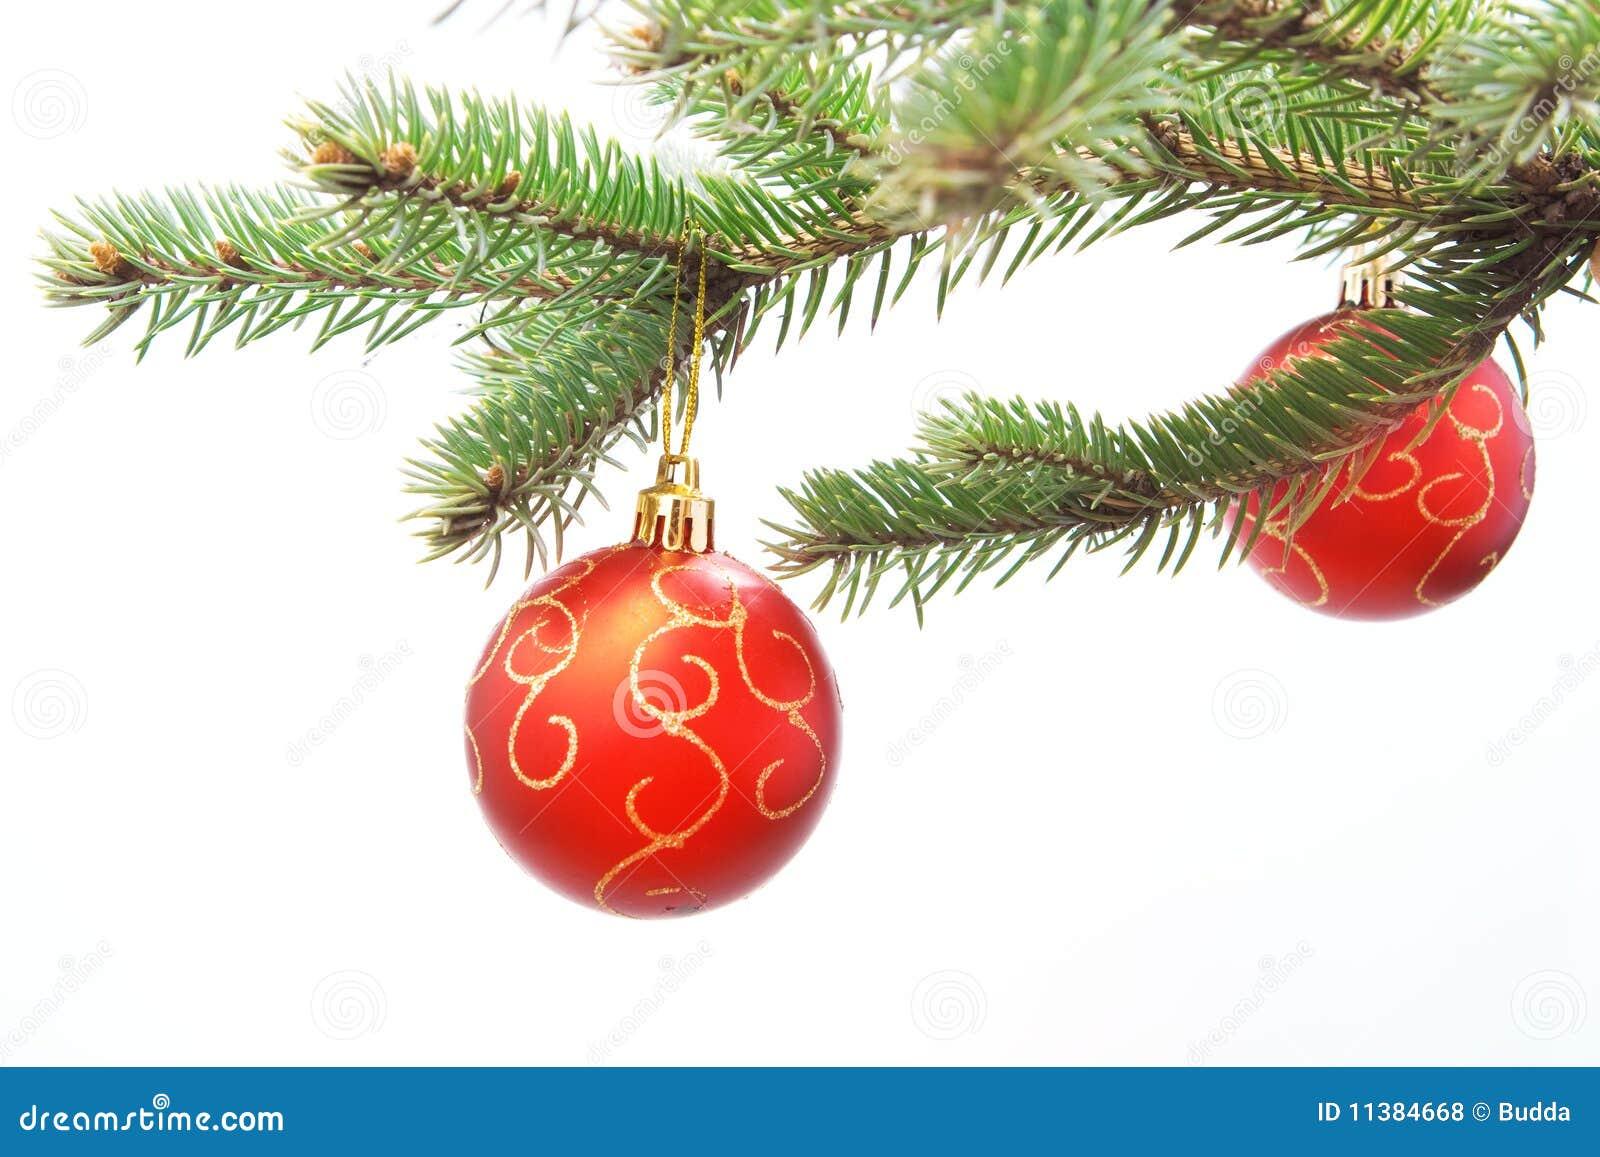 weihnachtskugeln auf tannenzweig stockfoto bild 11384668. Black Bedroom Furniture Sets. Home Design Ideas